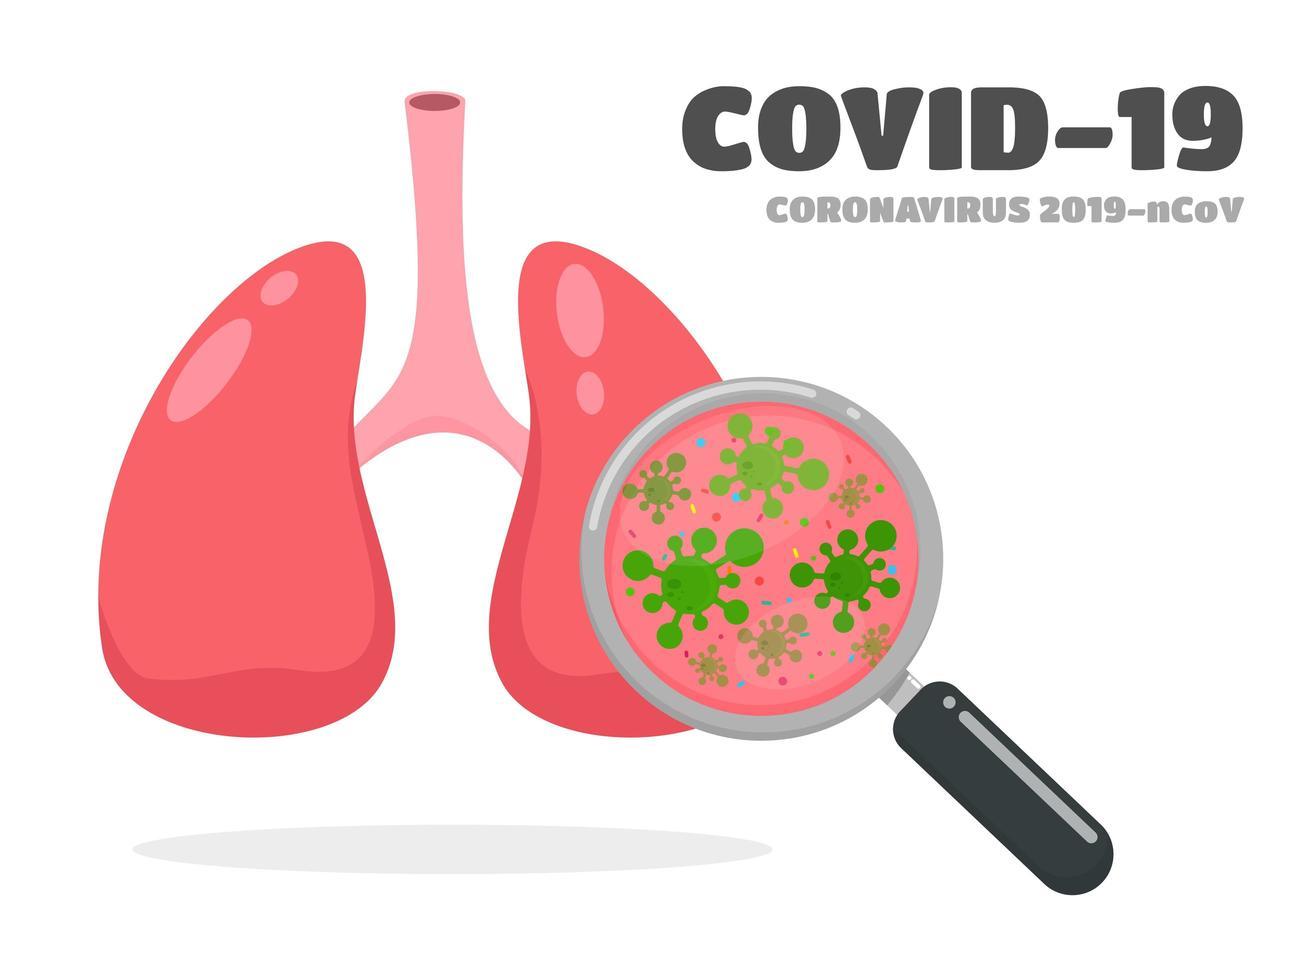 poumons covid-19 ou coronavirus vecteur